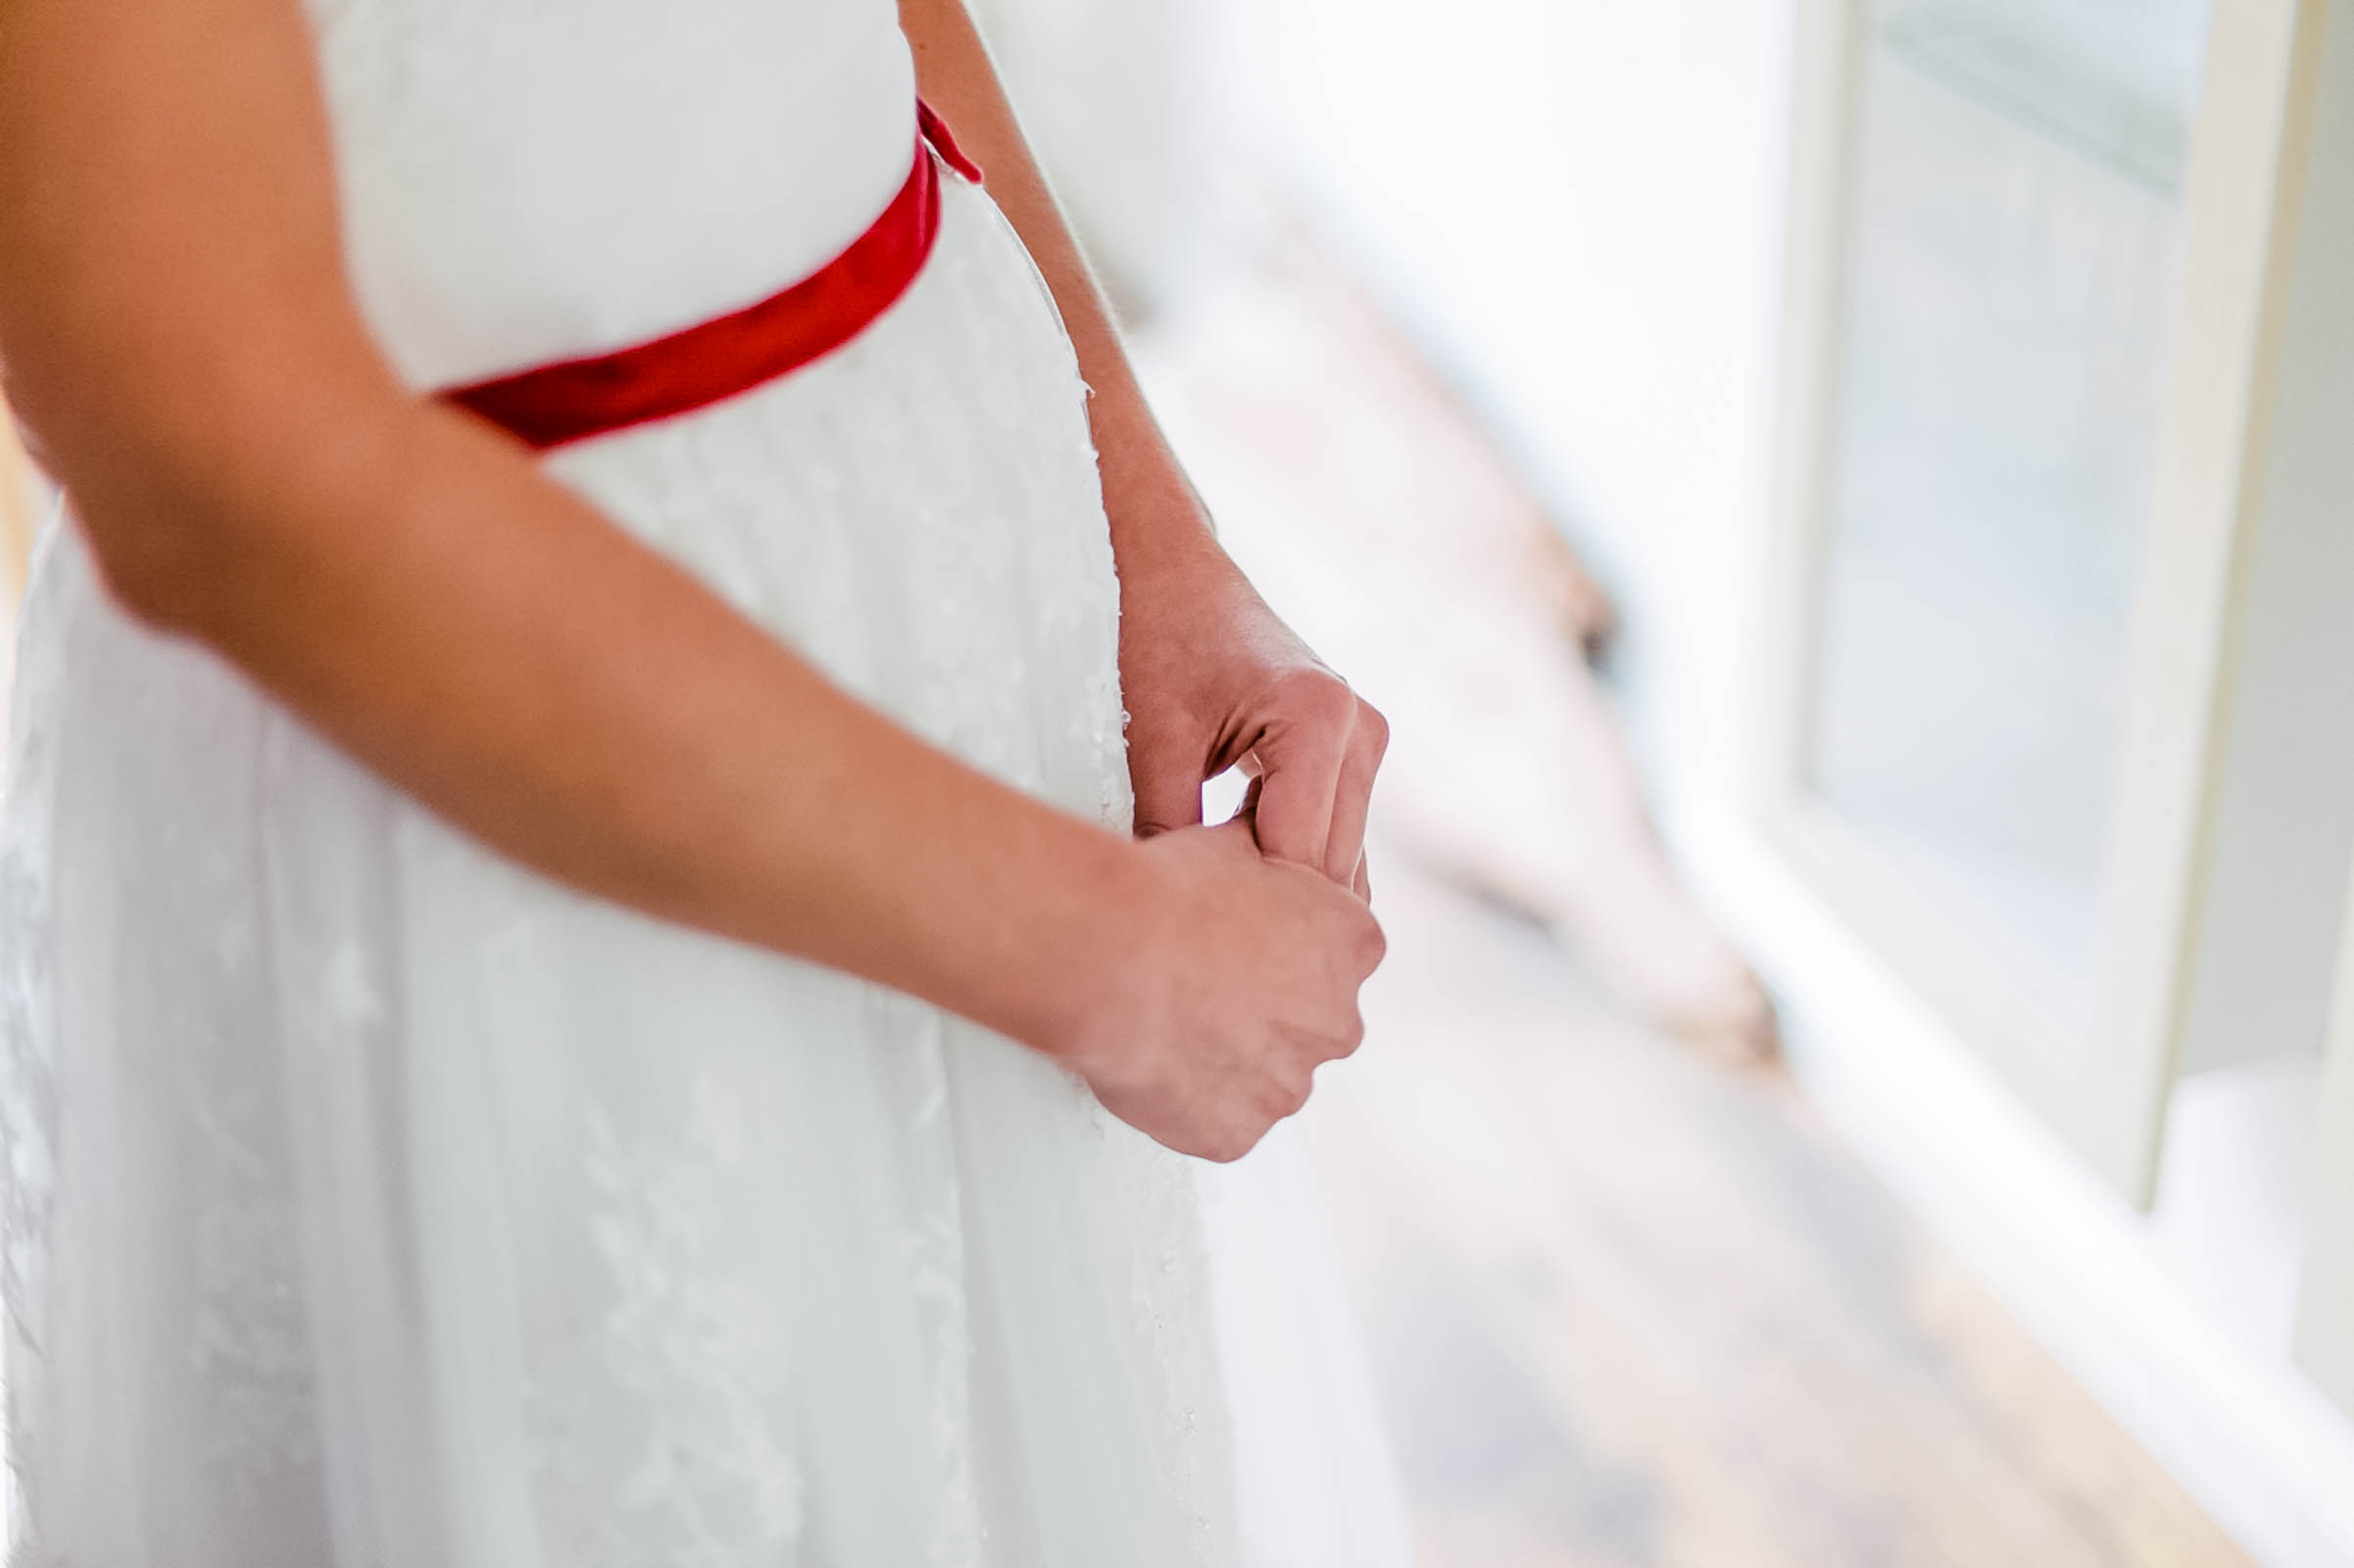 Monstergraphie_Hochzeitsreportage_Siegen-4.jpg?fit=2402%2C1600